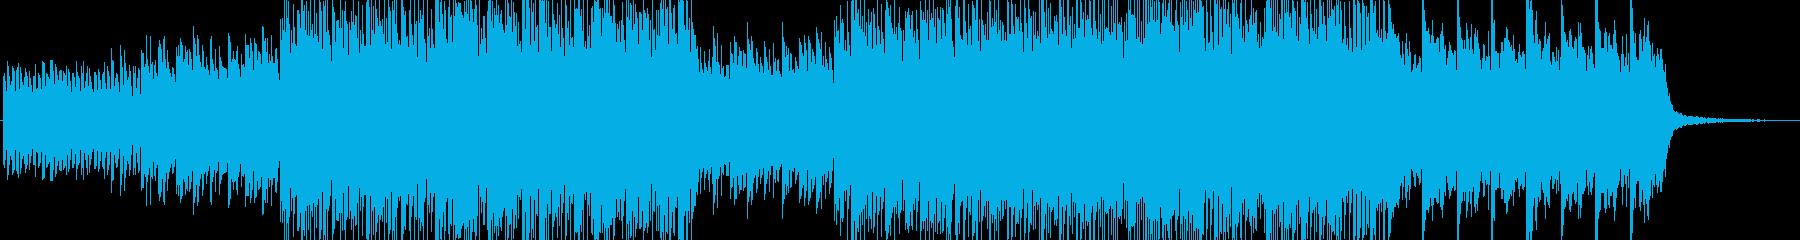 緊迫感がありミステリアスなピアノインストの再生済みの波形